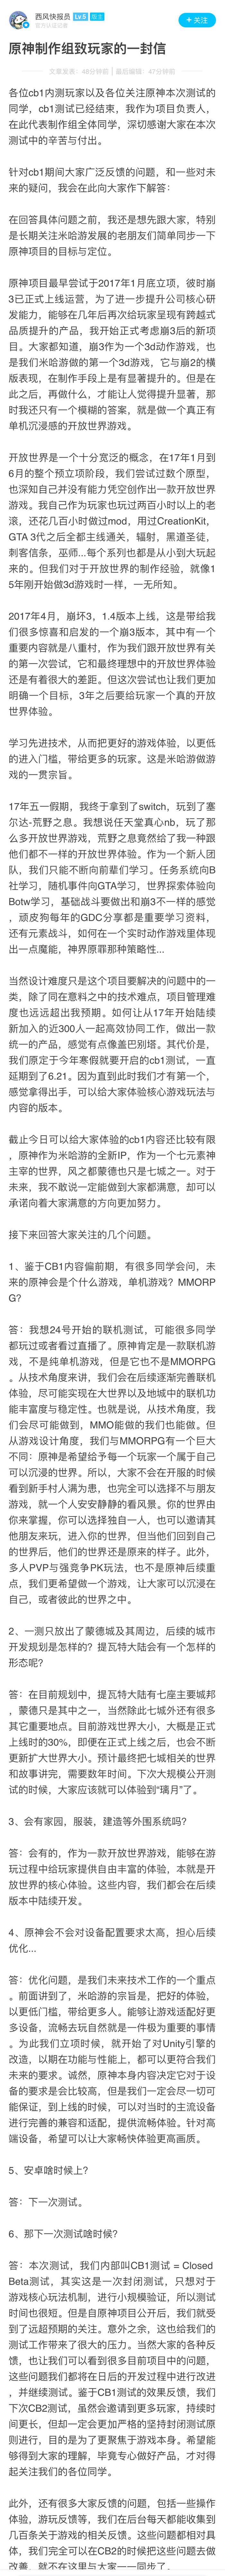 米哈游新作被曝抄袭《塞尔达荒野之息》 官方正式回应